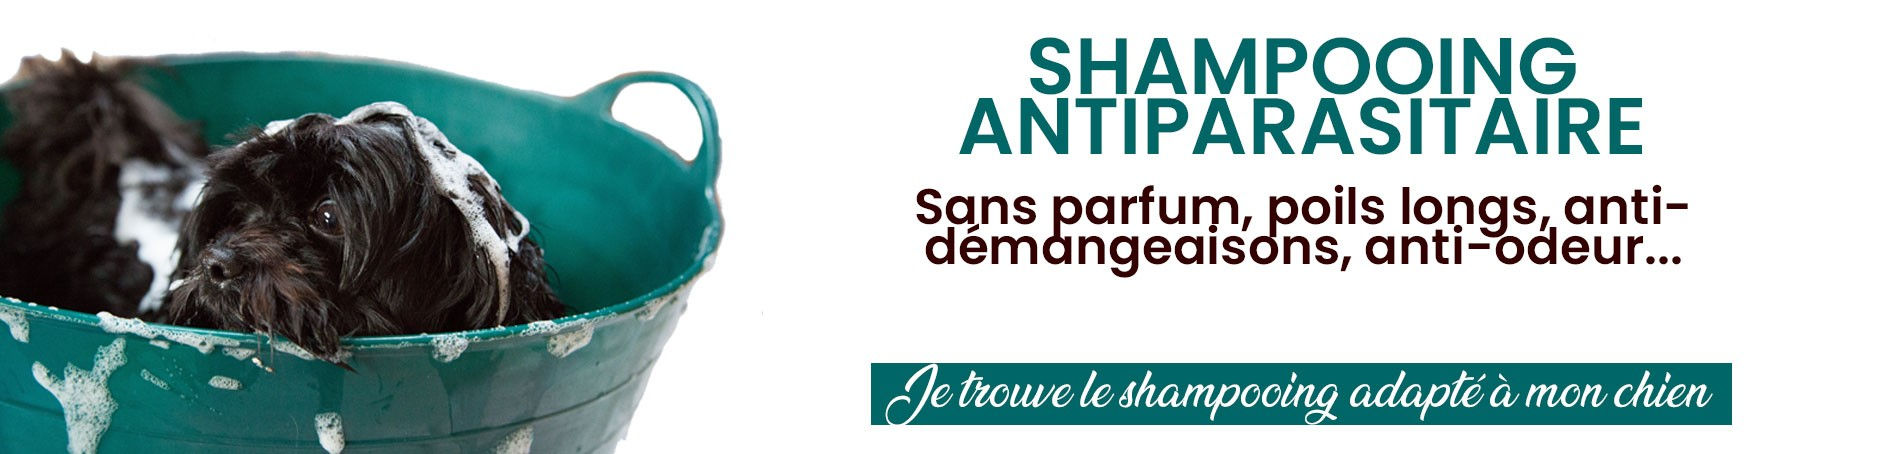 shampooing anti parasitaire pour les chiens de la marque ActiPlant